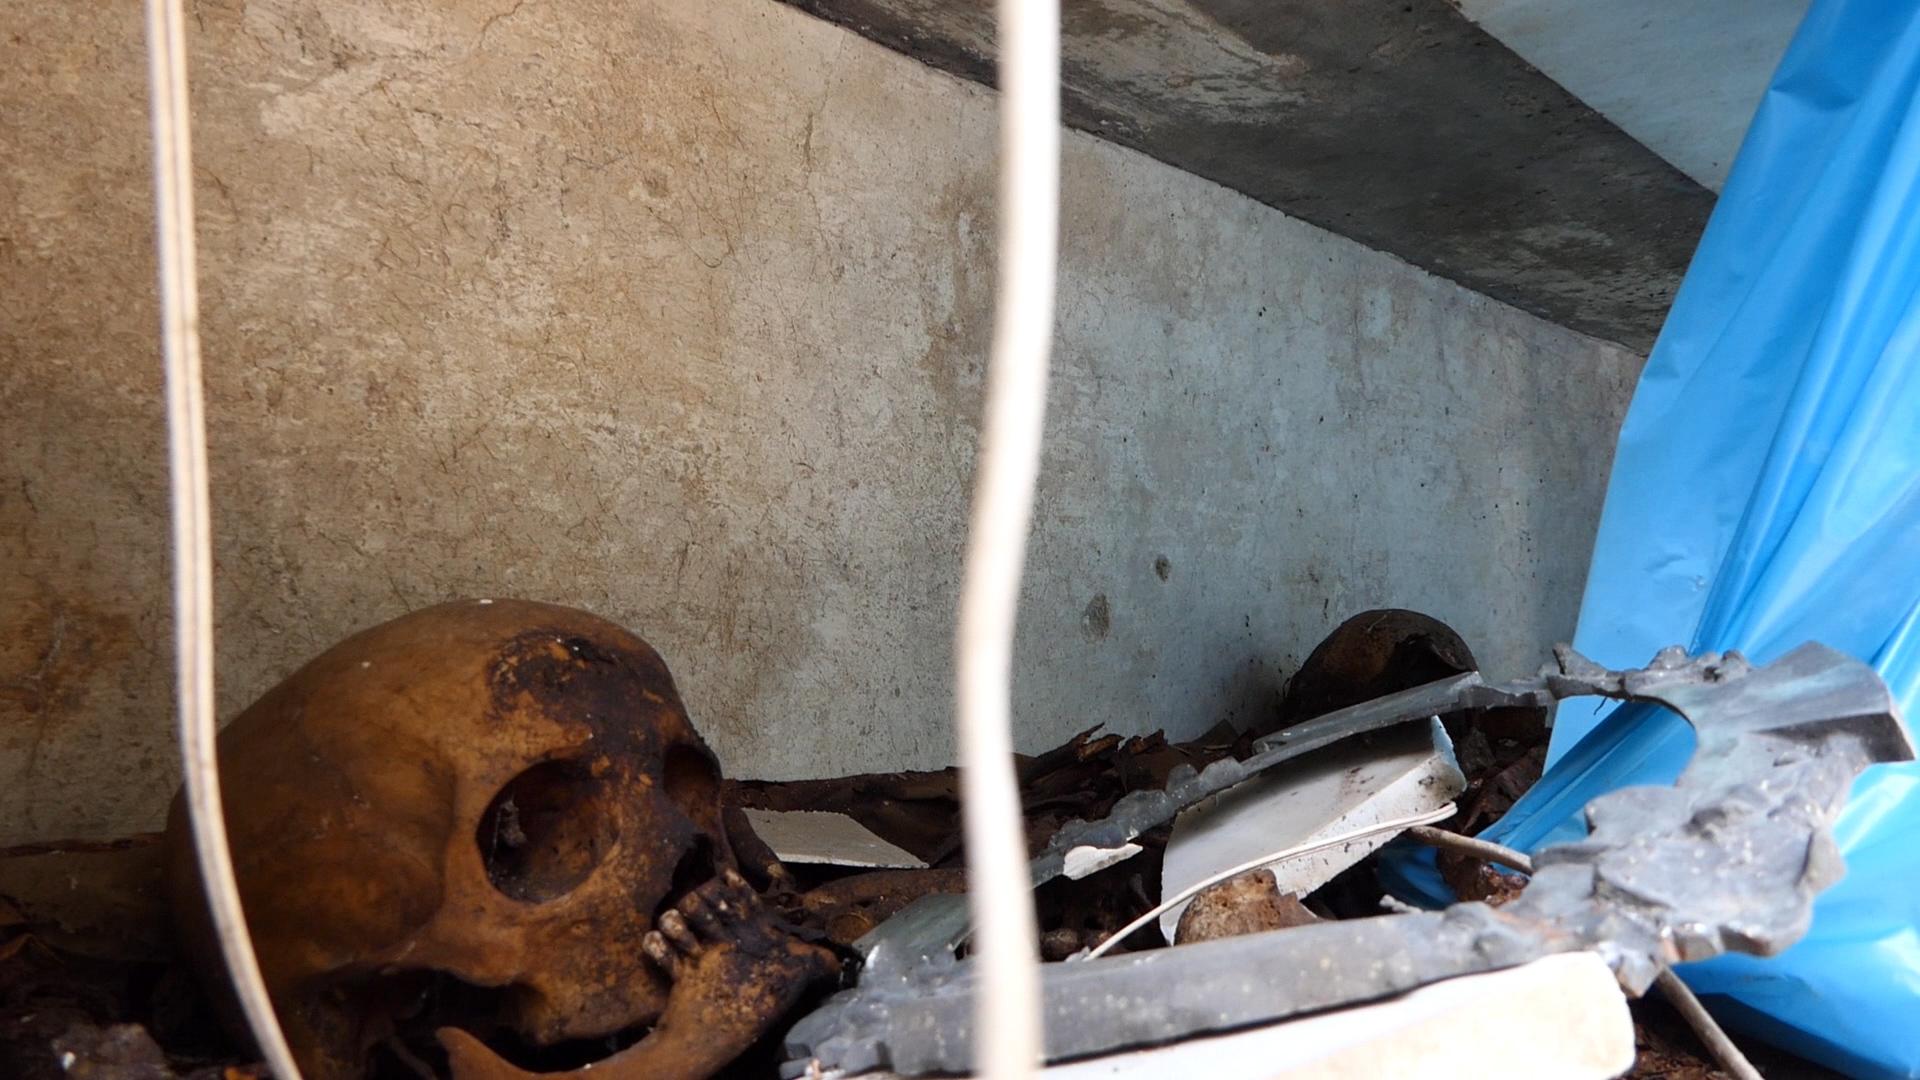 Poggioreale, viaggio nel cimitero degli orrori (FOTOGALLERY)